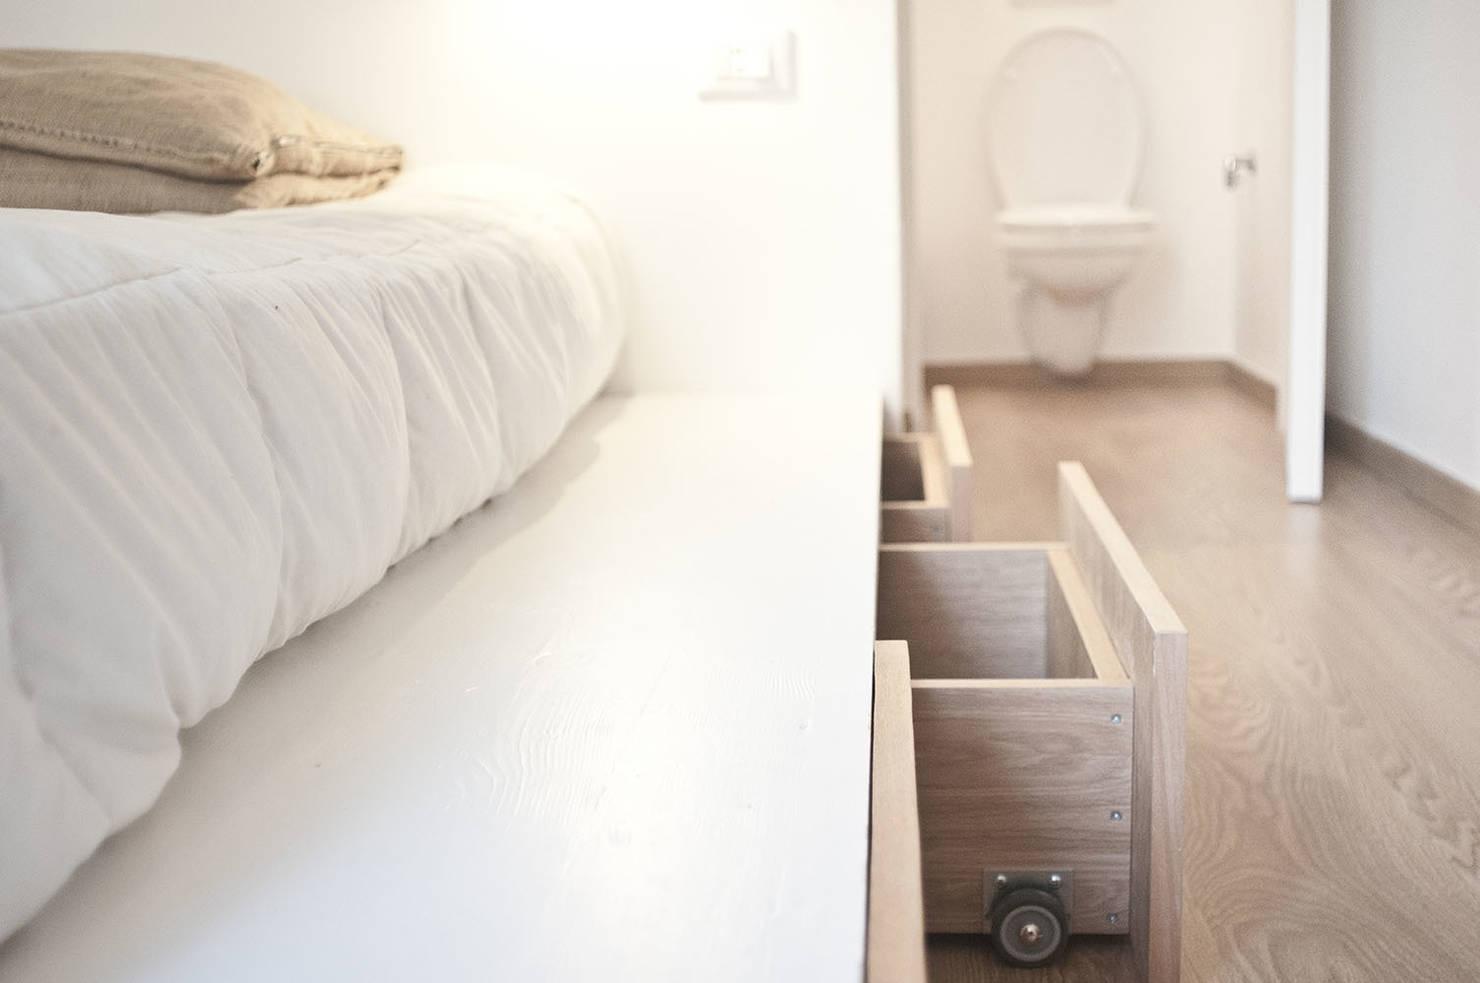 До и После: Ремонт квартиры в центре города 60 квадратов- фотографии